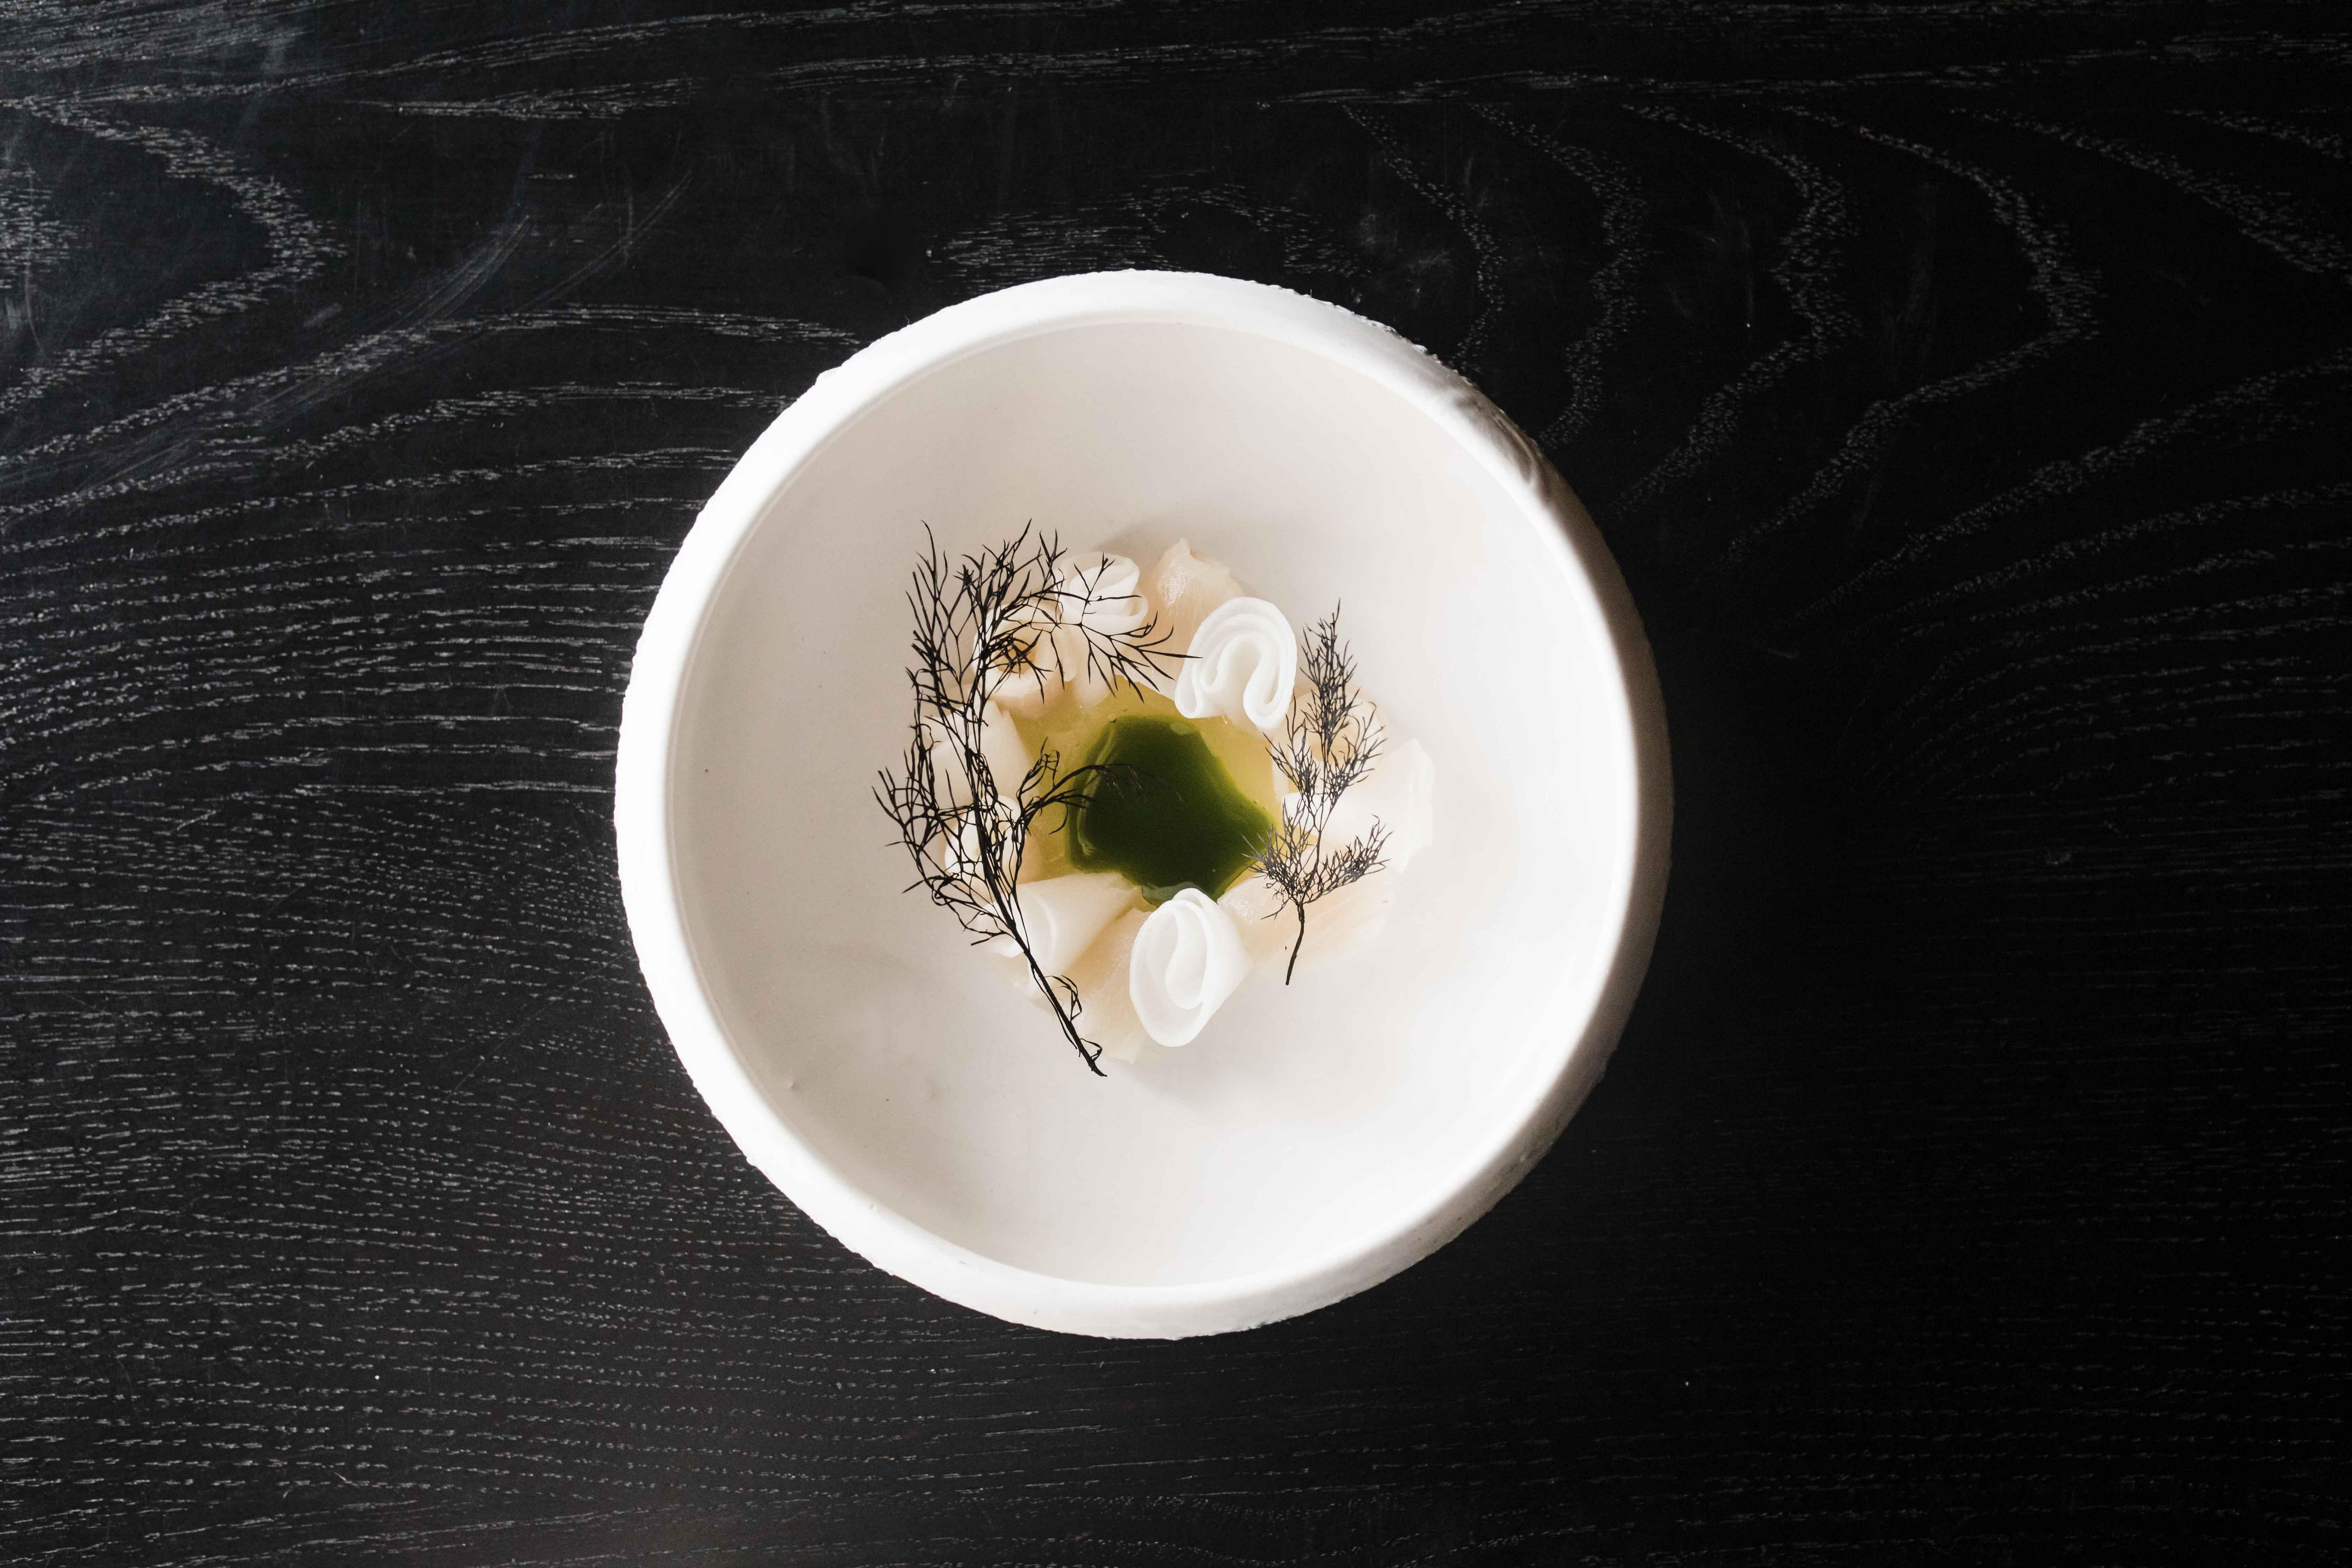 kingfish daikon green apple dashi - 1st course